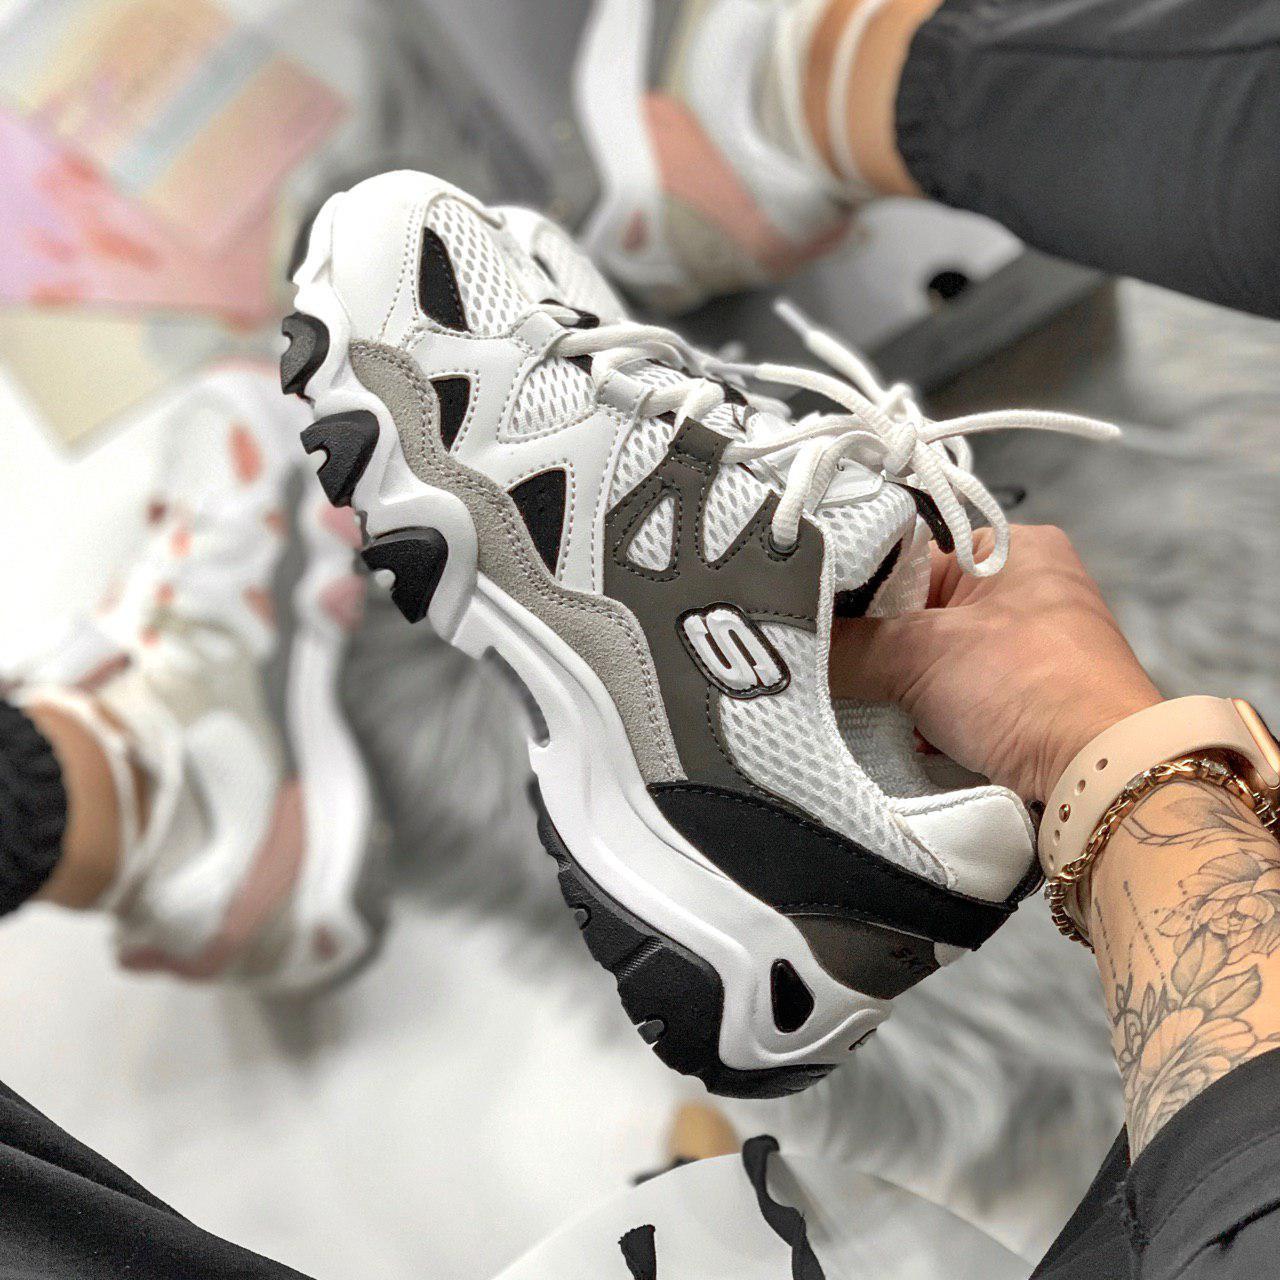 1edc1b99 Женские Кроссовки Skechers D'lites Black/white / Реплика/ 1:1 к ...